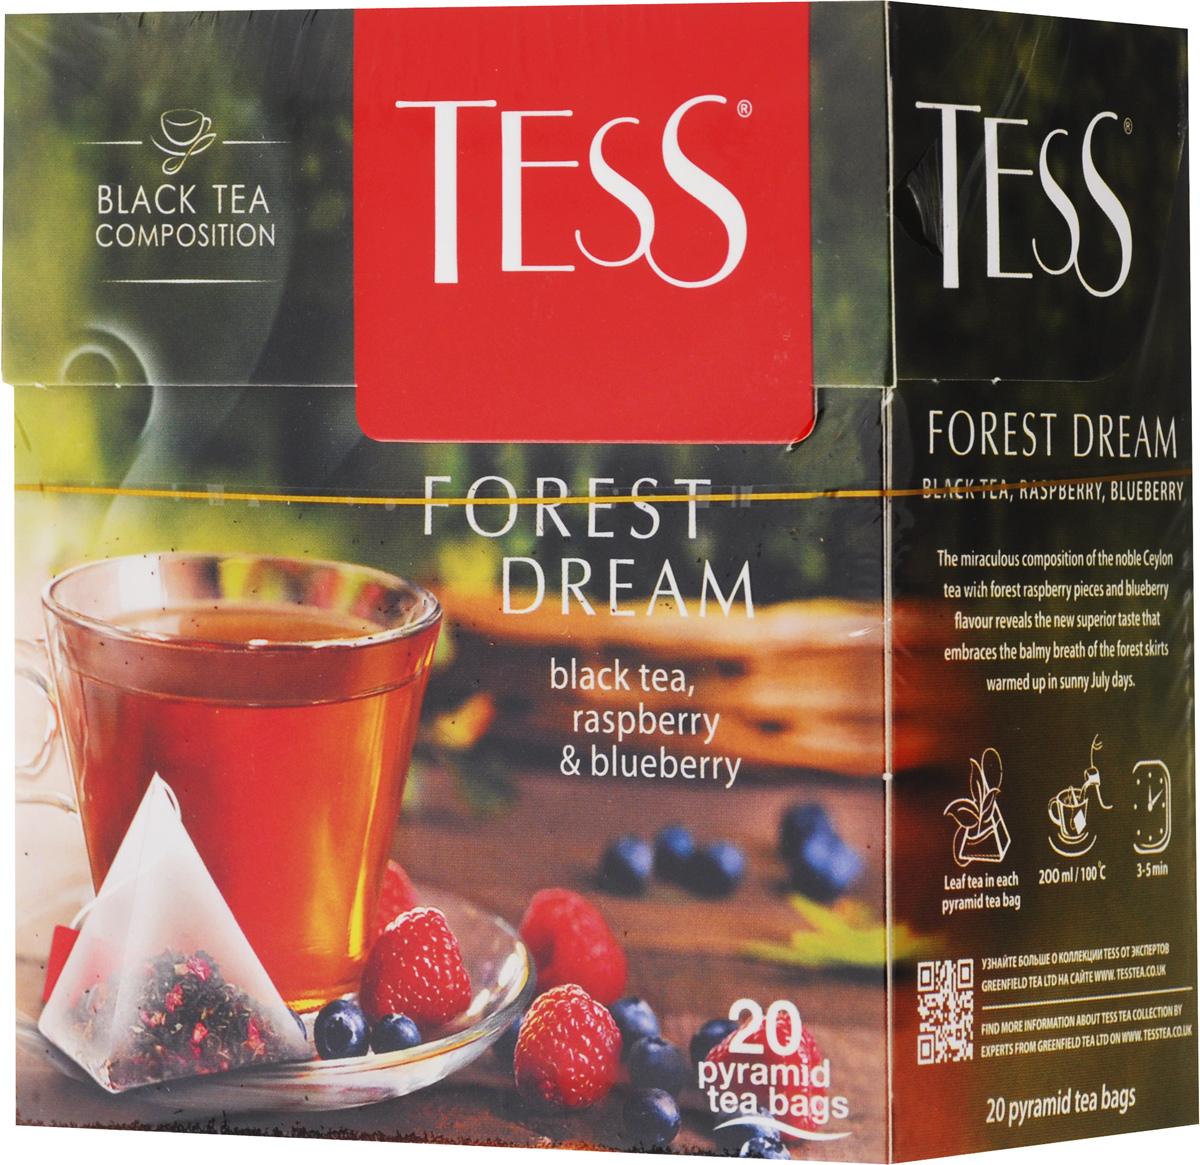 Tess Forest Dream черный чай в пирамидках, со вкусом малины и черники. 20 шт0784-12Чудесная композиция благородного цейлонского чая с кусочками ежевики и лесной малины открывает новый великолепный вкус Tess Forest Dream, в котором слышится благоухание лесной опушки, согретой июльским солнцем.